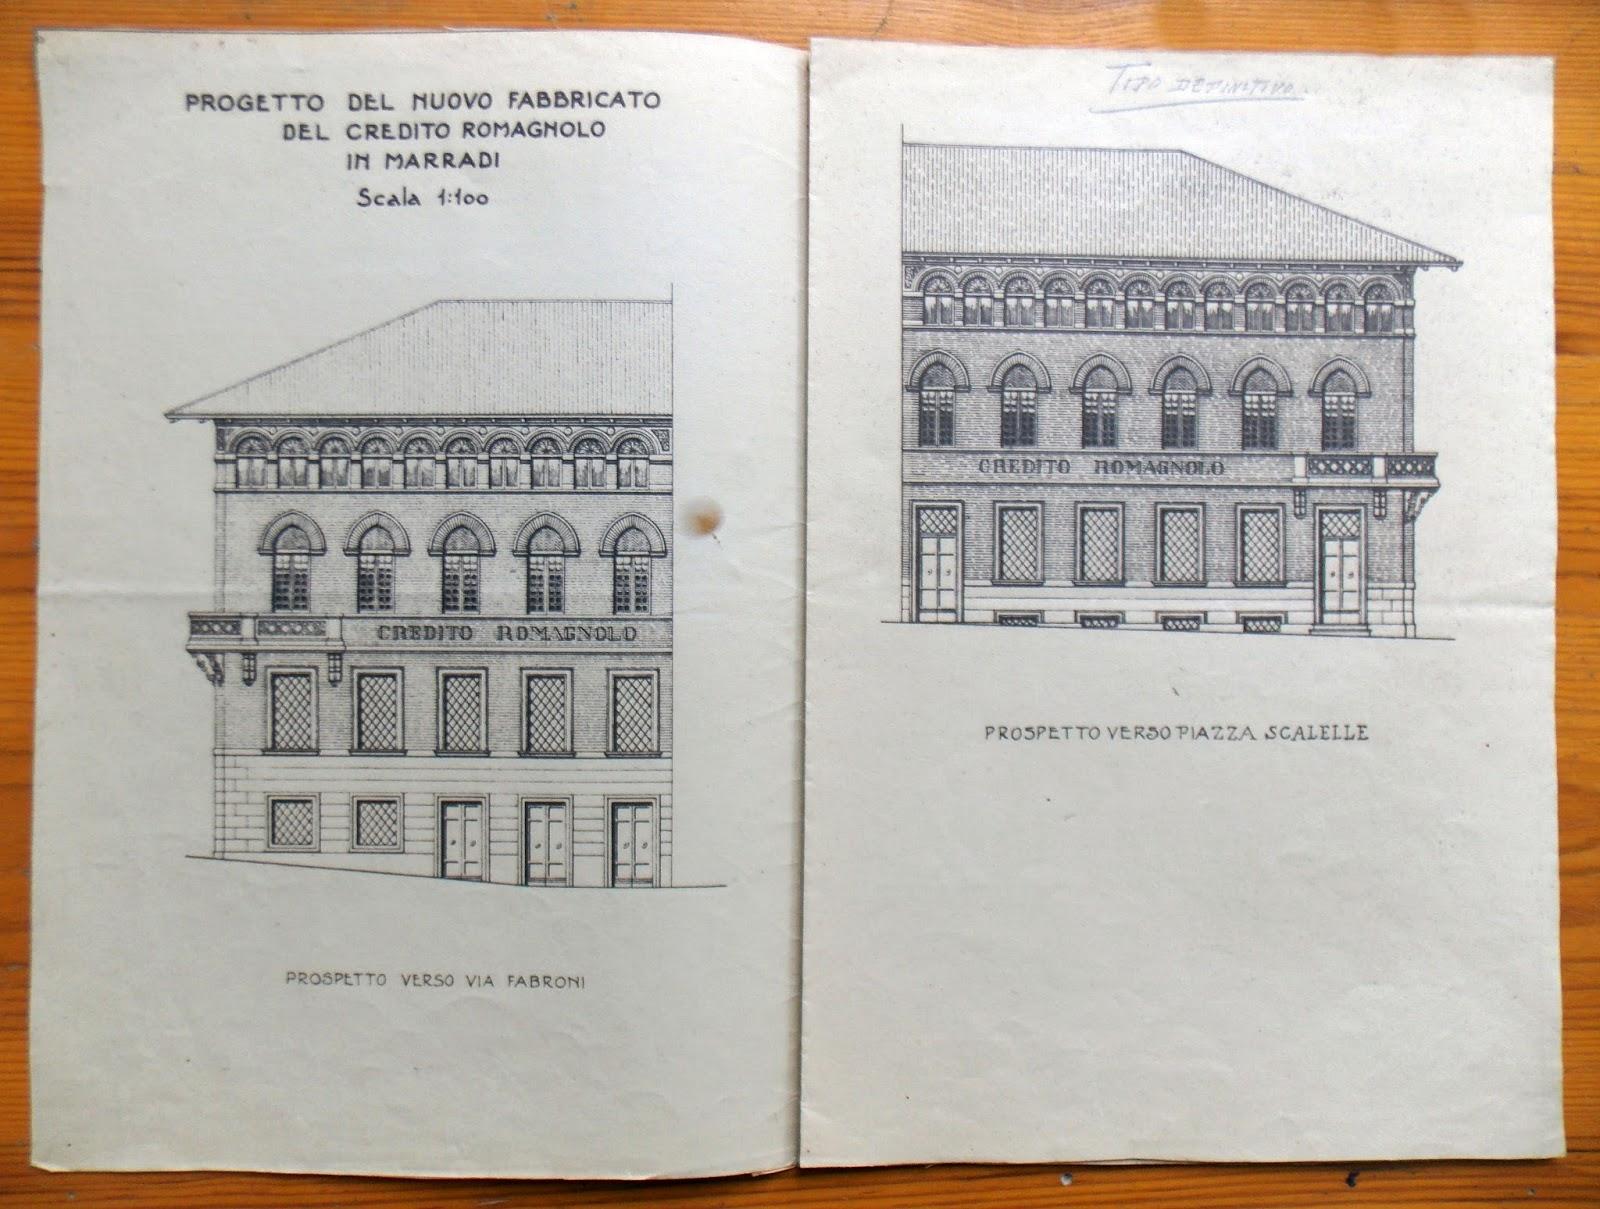 Il blog della biblioteca di marradi il credito romagnolo for Planimetrie per case di 1800 piedi quadrati